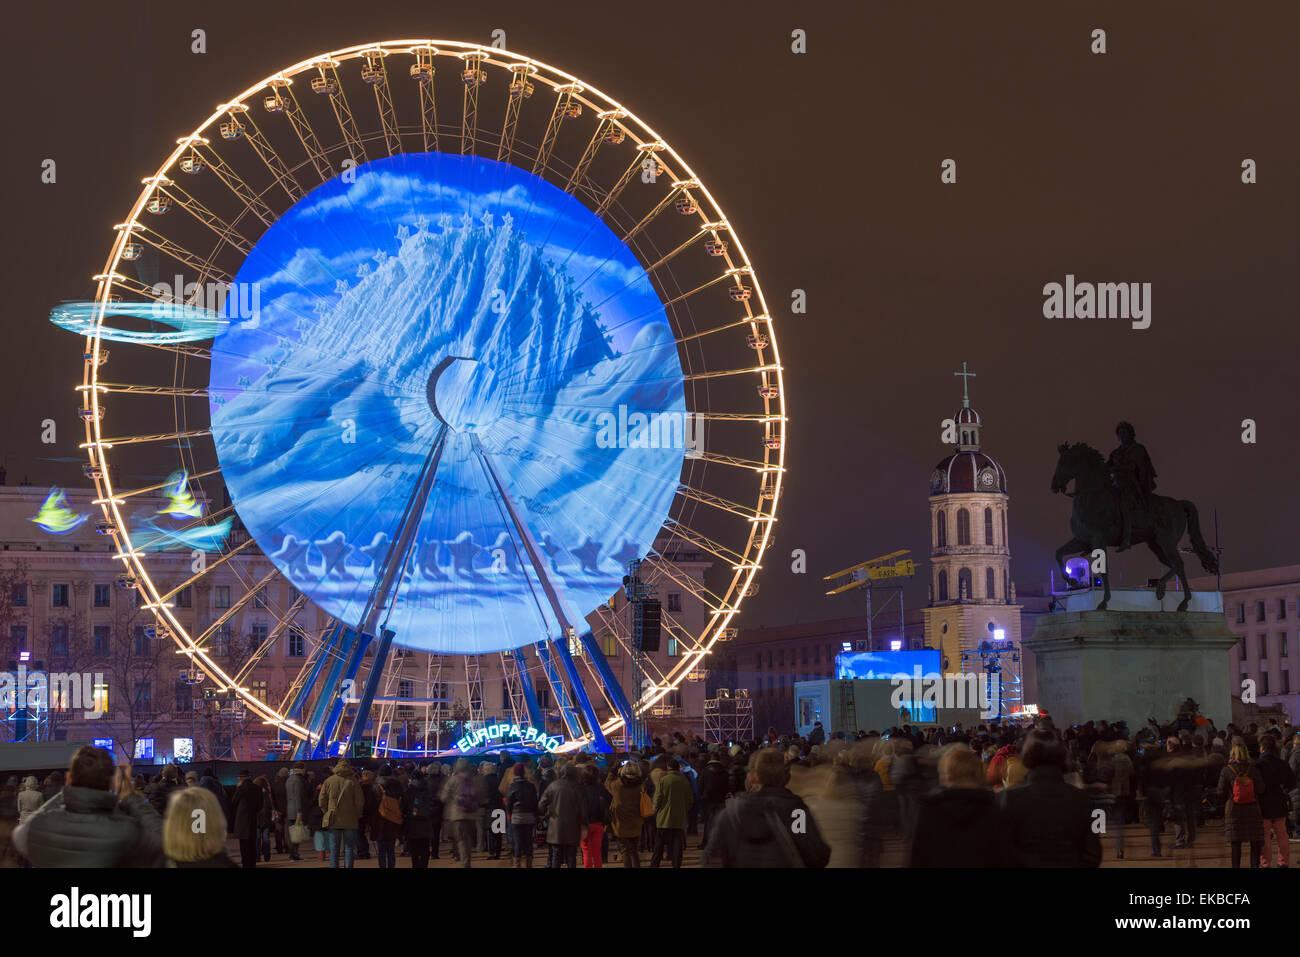 Place Bellecour, Fete des Lumieres (Festival of Lights) laser show, Lyon, Rhone-Alpes, France, Europe - Stock Image